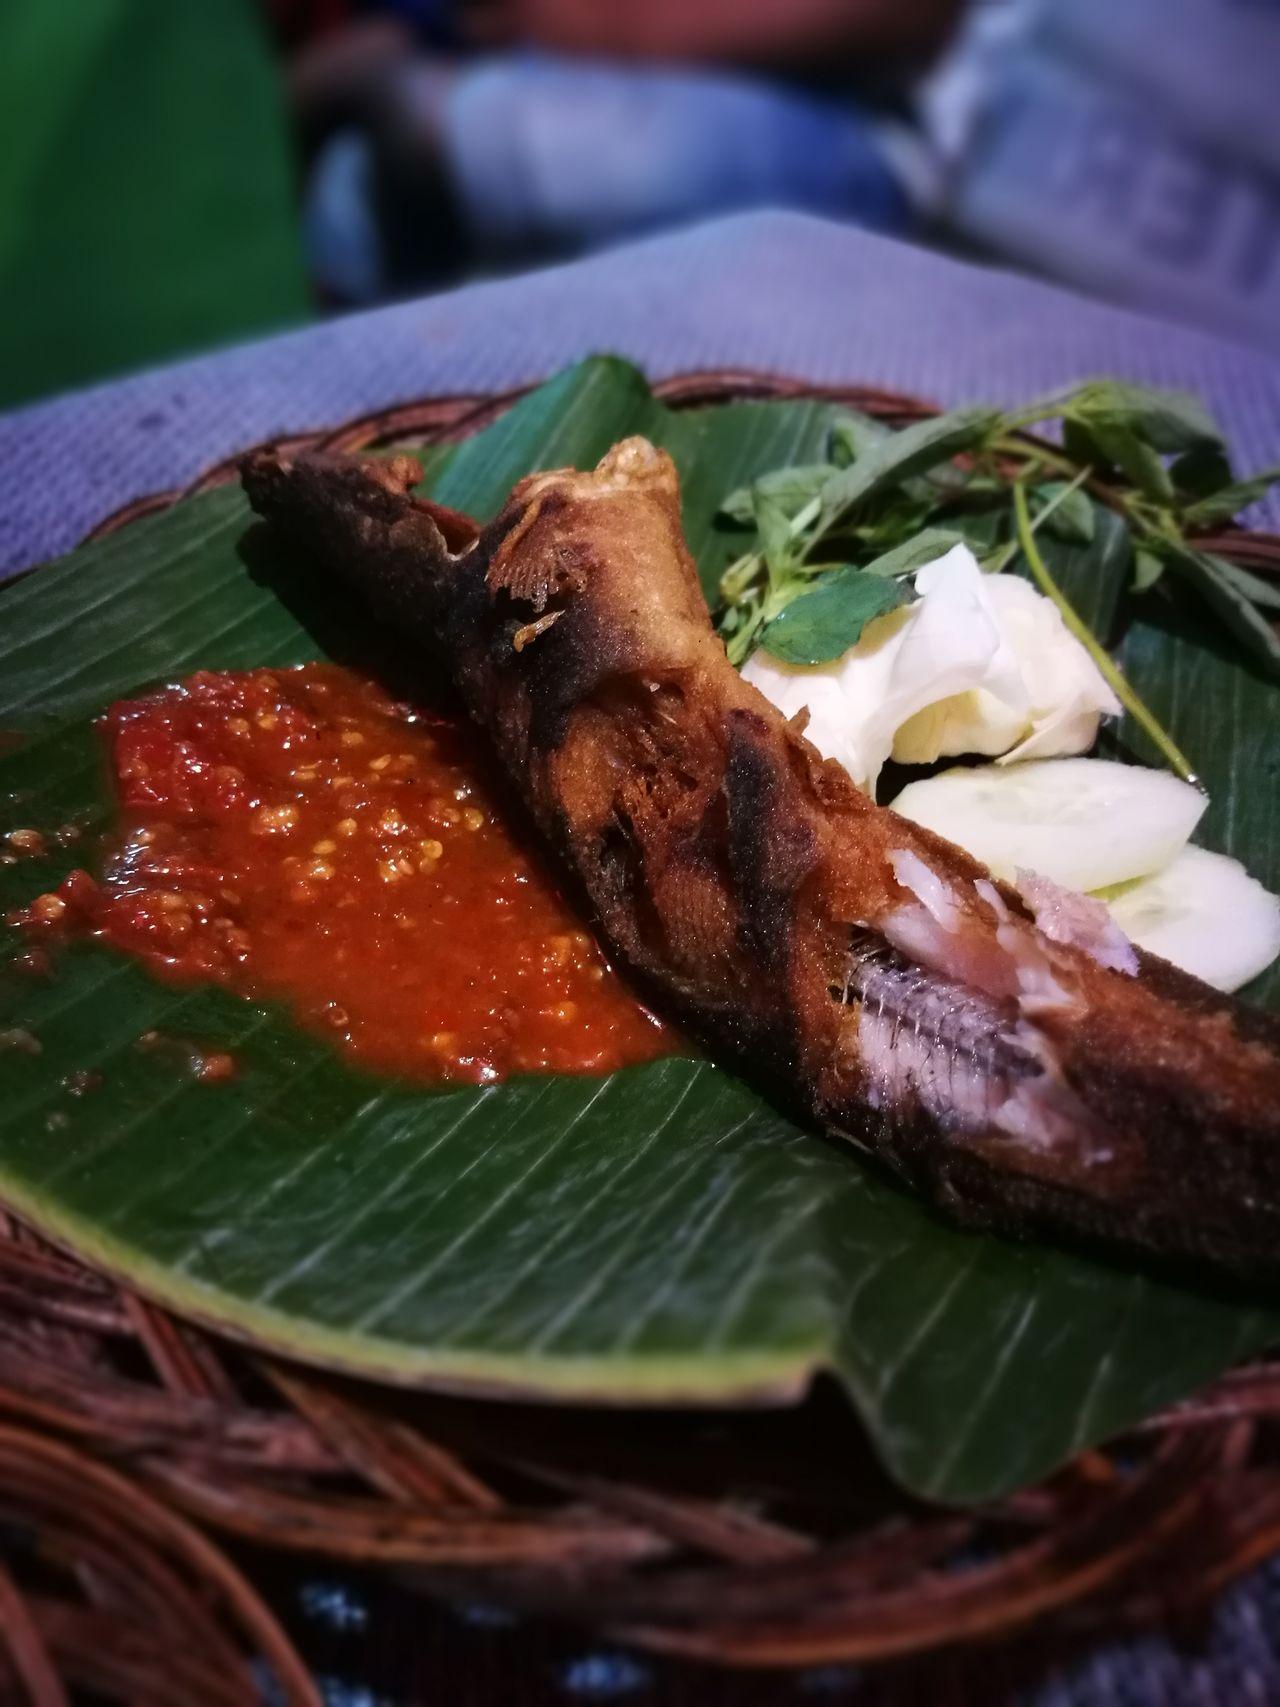 Eat Food Fish Pecellele Indonesian Indonesian Food Indonesianculinary Sambal Iseng EnjoyTheMoment